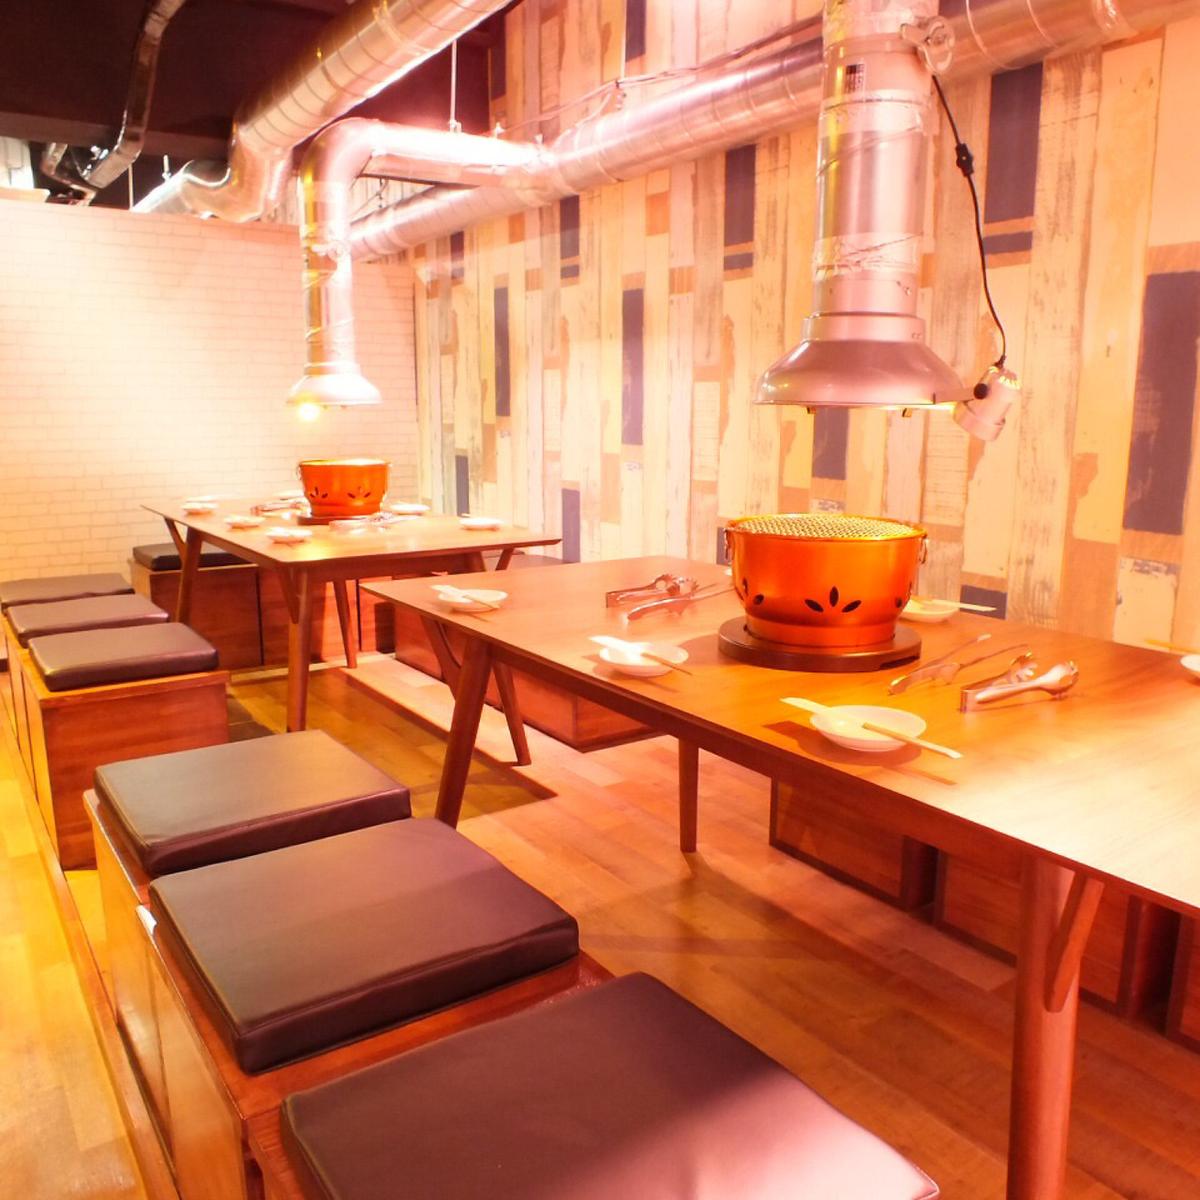 適合公司和圈子同事的發射和飲酒派對的座椅☆適用於大量的比較【桌座1-2號】